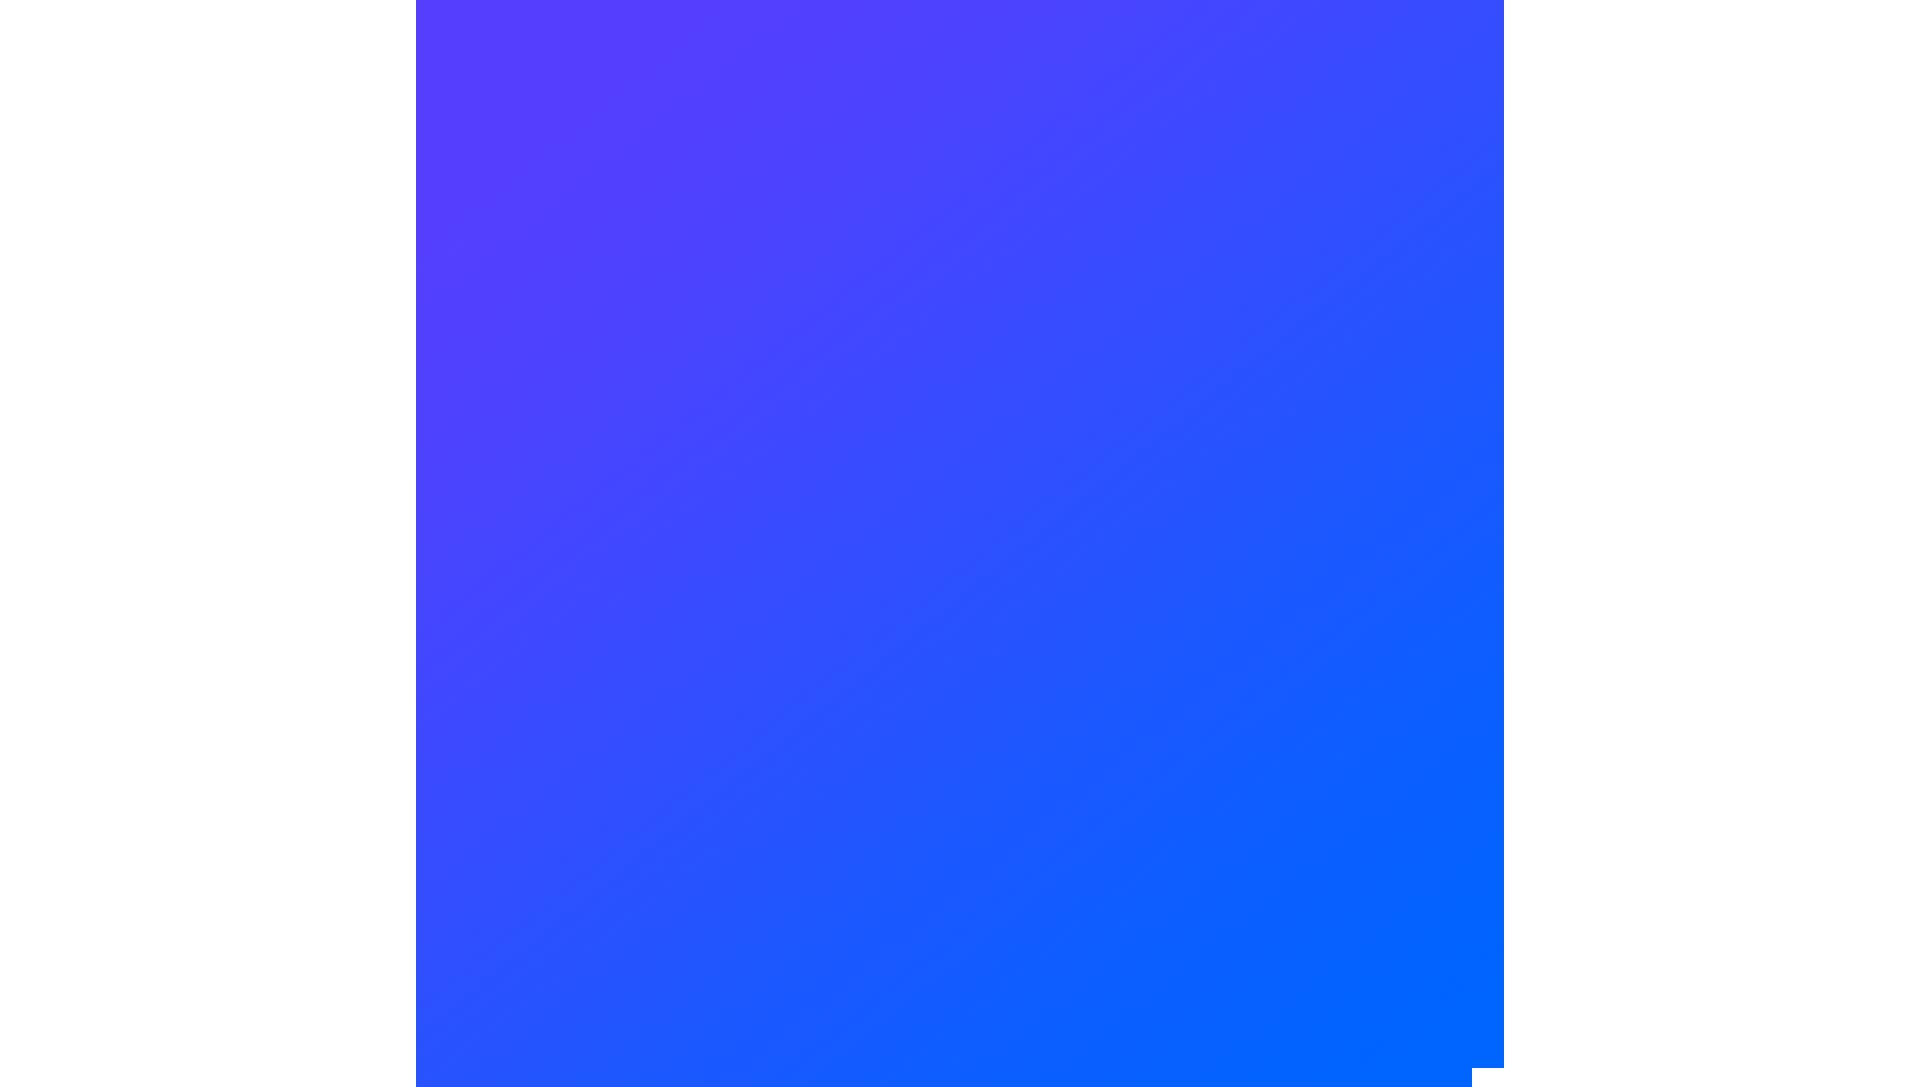 gas-pump-solid_Blauverlauf